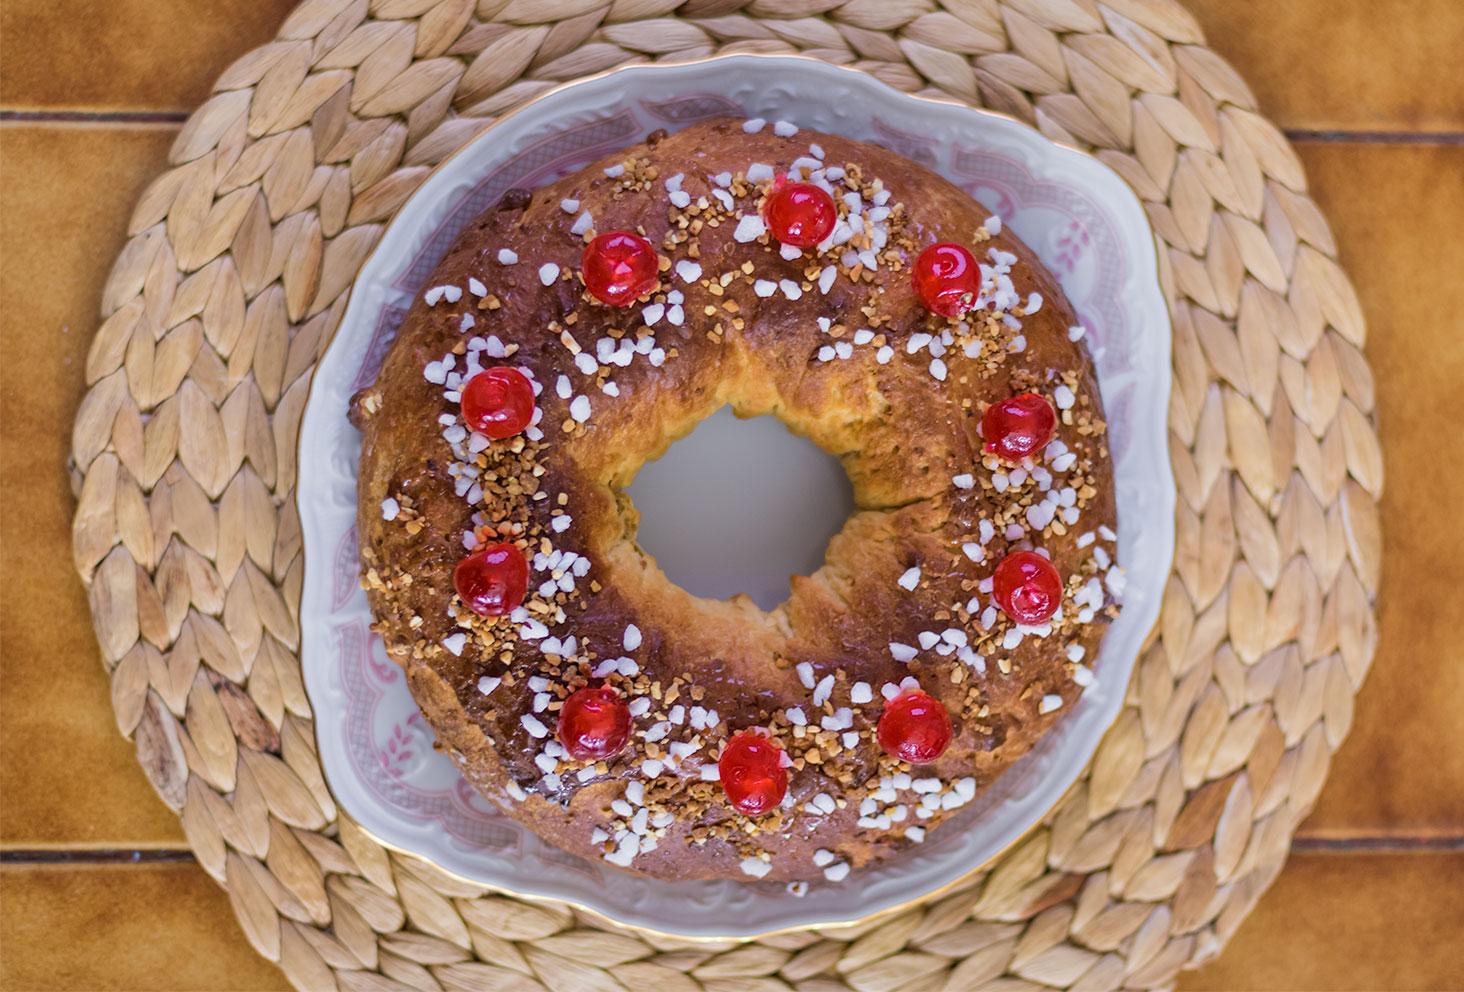 La couronne des rois au beurre de cacahuètes déposée dans un plat blanc sur un set de table en rotin vue de haut